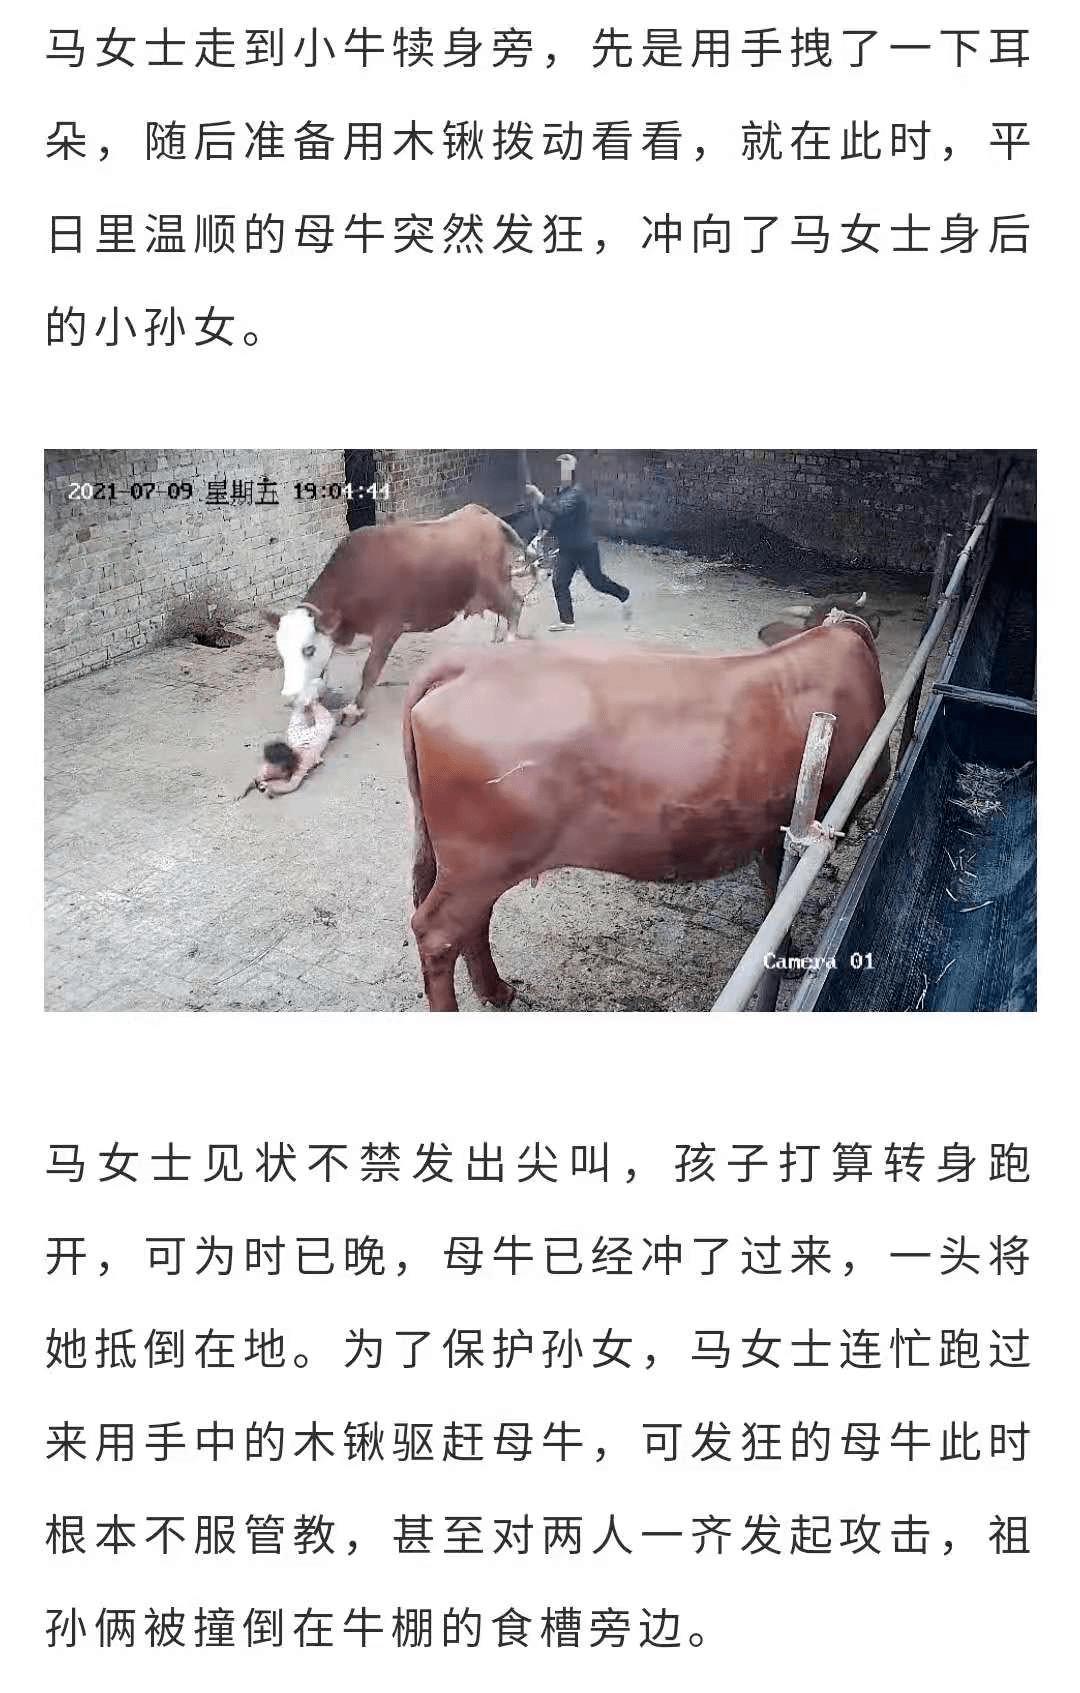 """惊险!村民家中母牛分娩后突然发狂,冲向四岁小女孩!"""""""